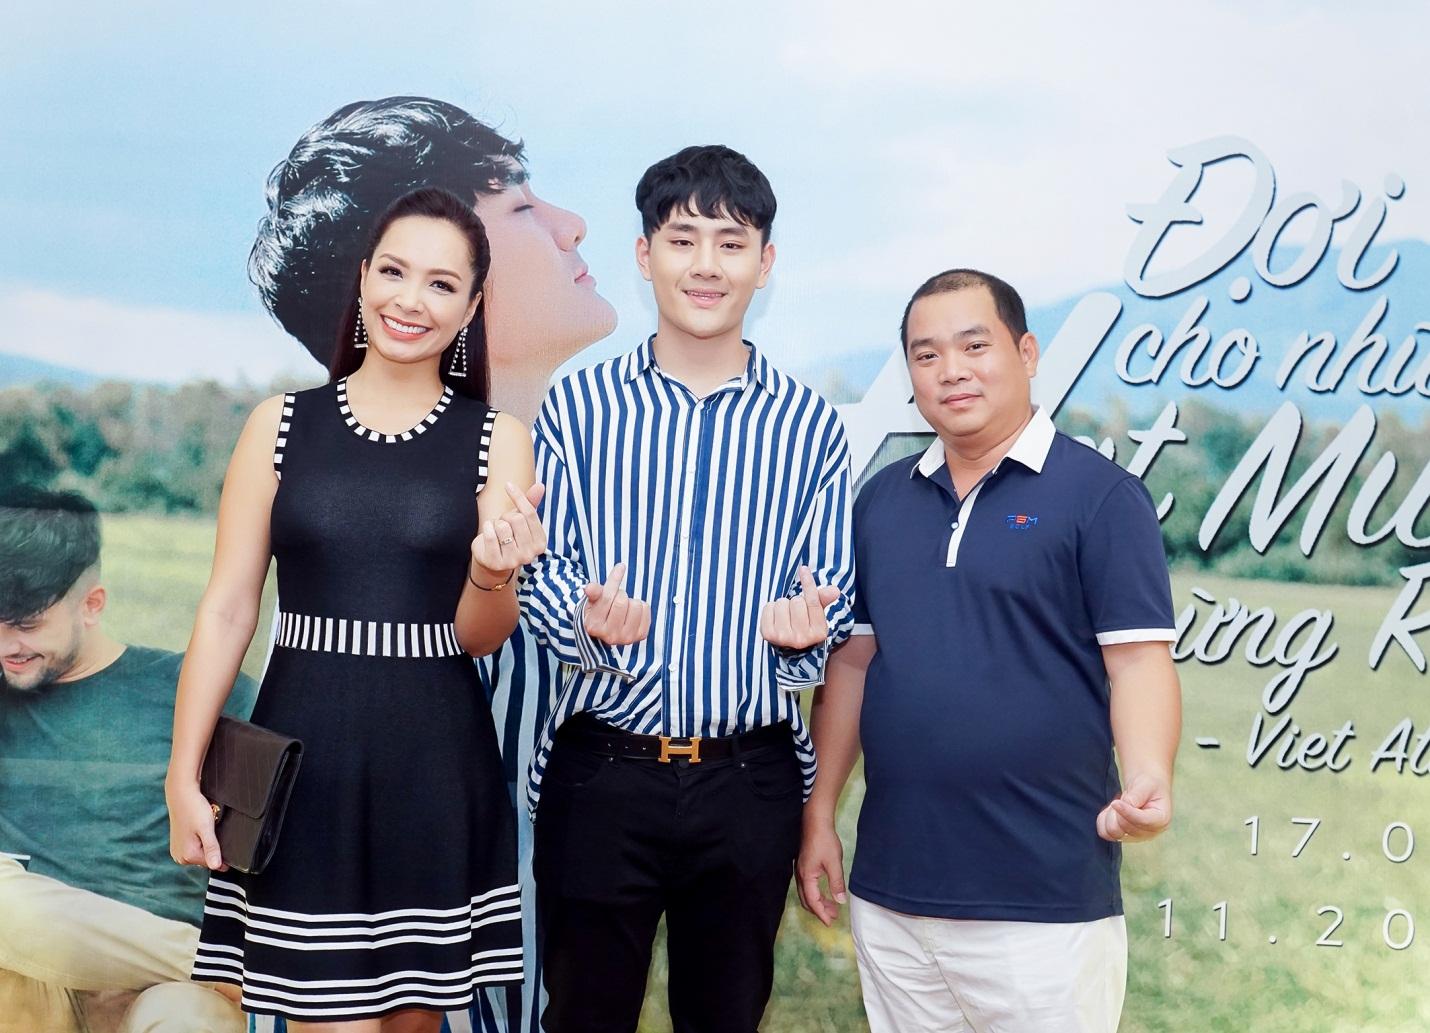 """Việt Athen hợp tác cùng hot boy """"Bùa yêu"""" trong MV """"Đợi cho những hạt mưa ngừng rơi"""" - Ảnh 5."""